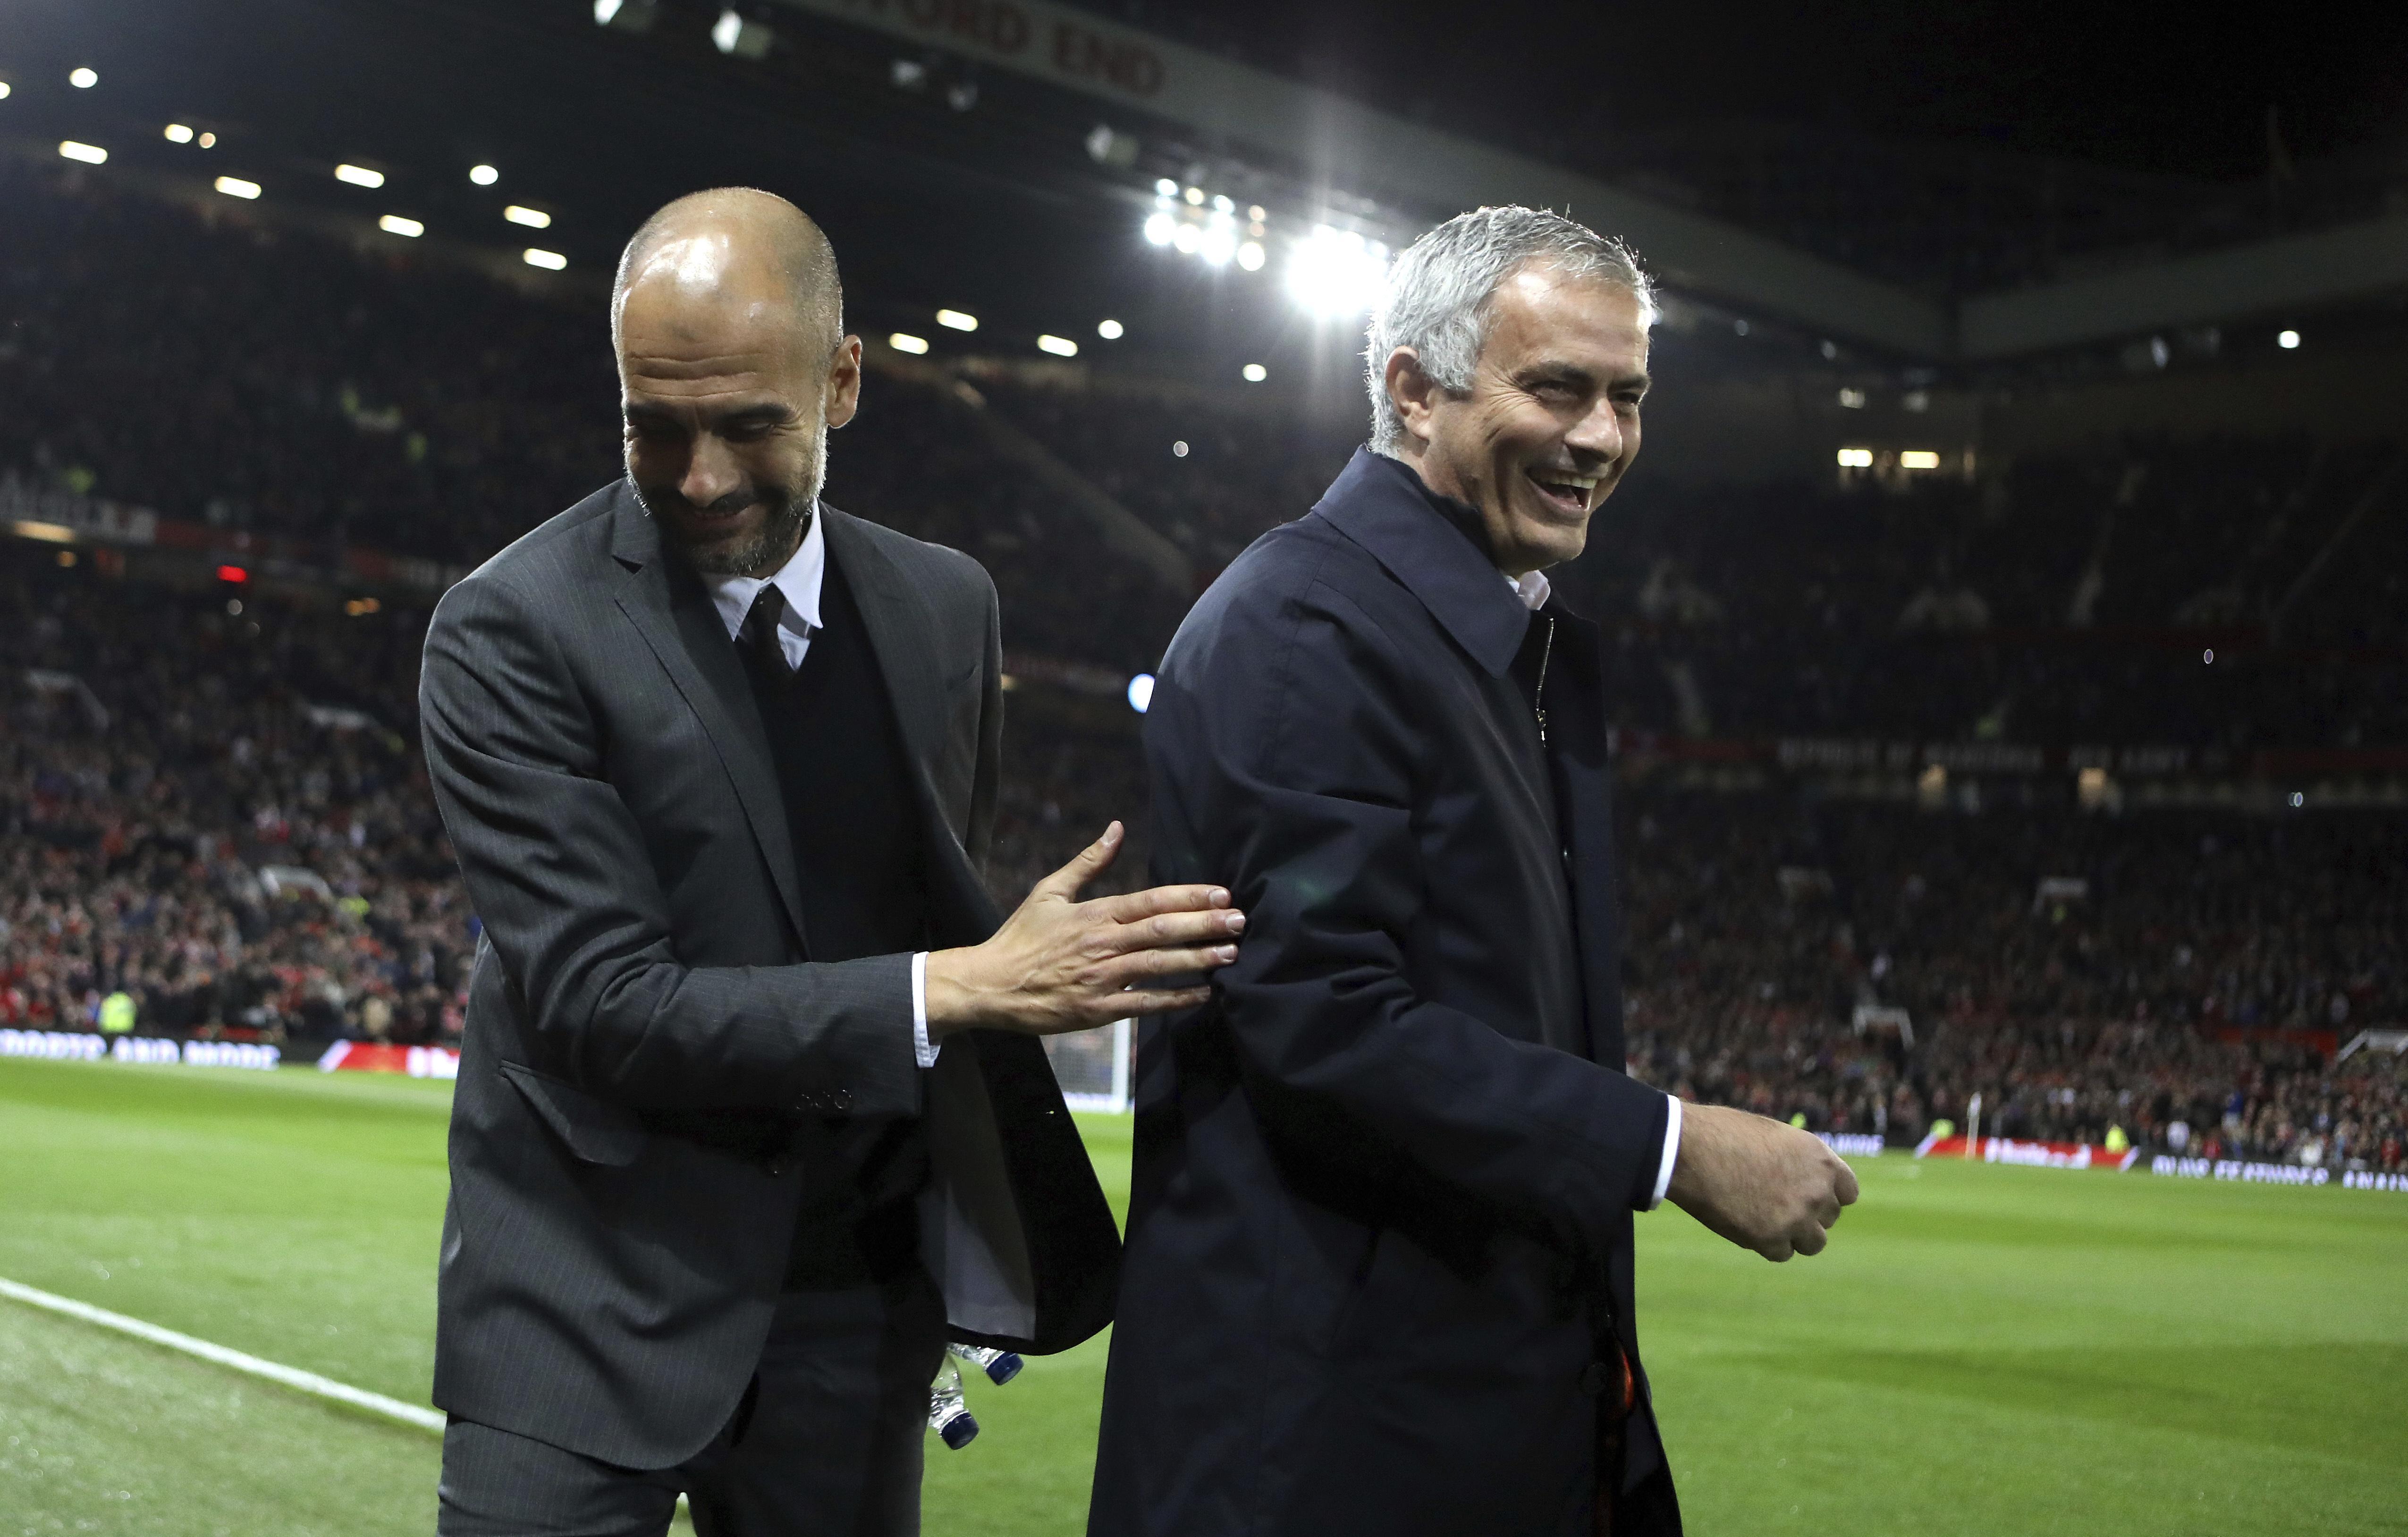 Manchester_derby_guardiola_vs_mourinho_13733